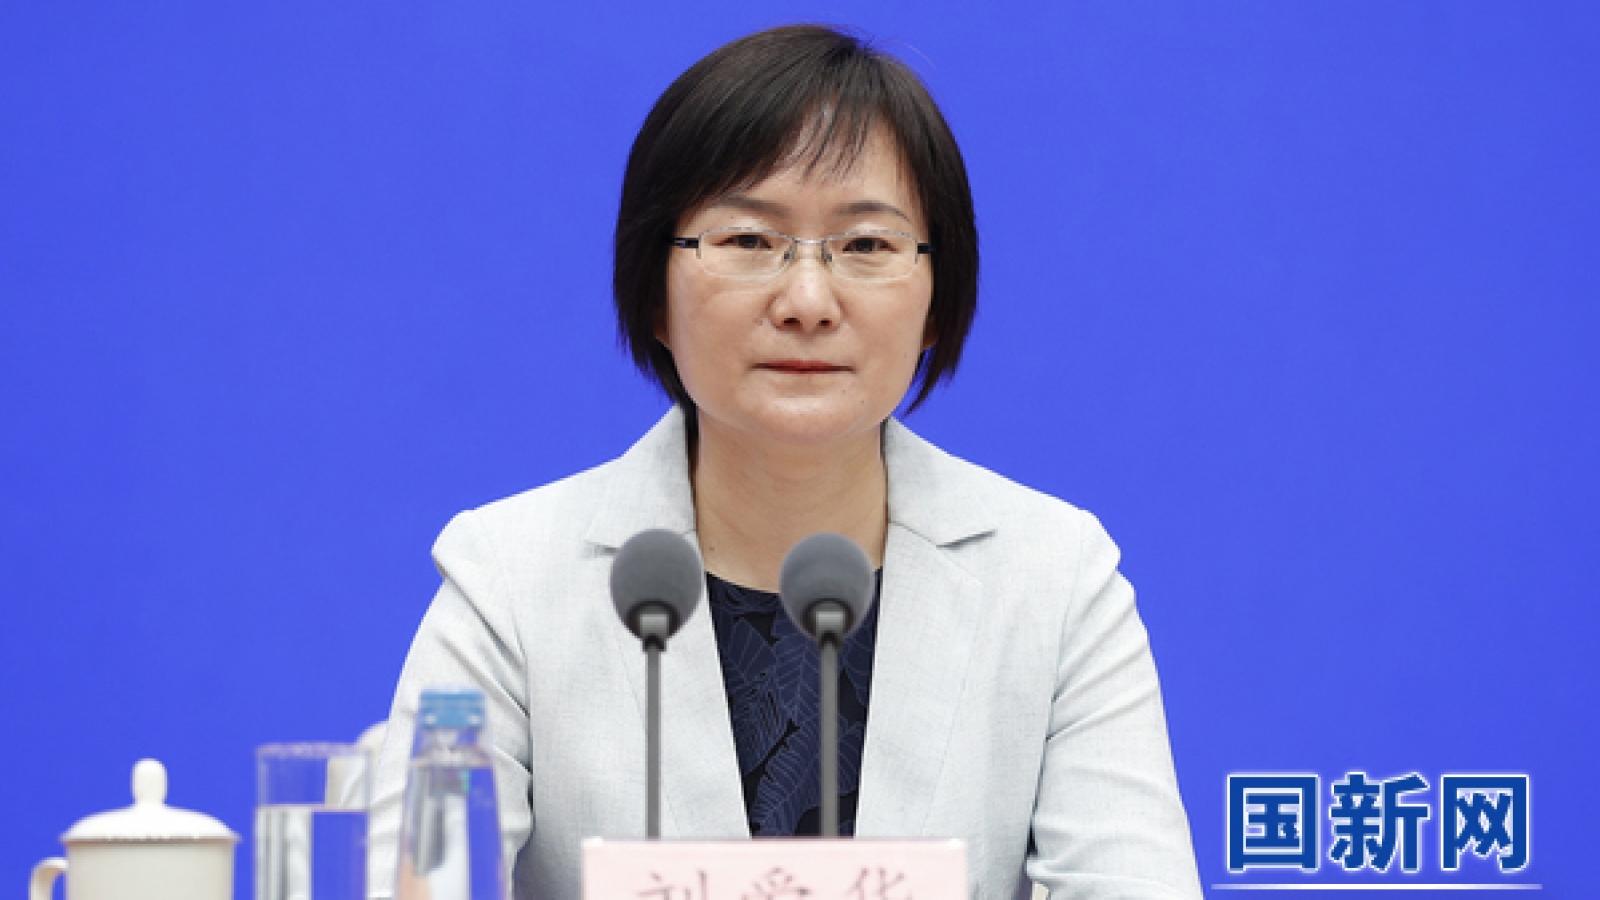 Kinh tế Trung Quốc tăng vọt 18,3% trong quý 1 năm 2021